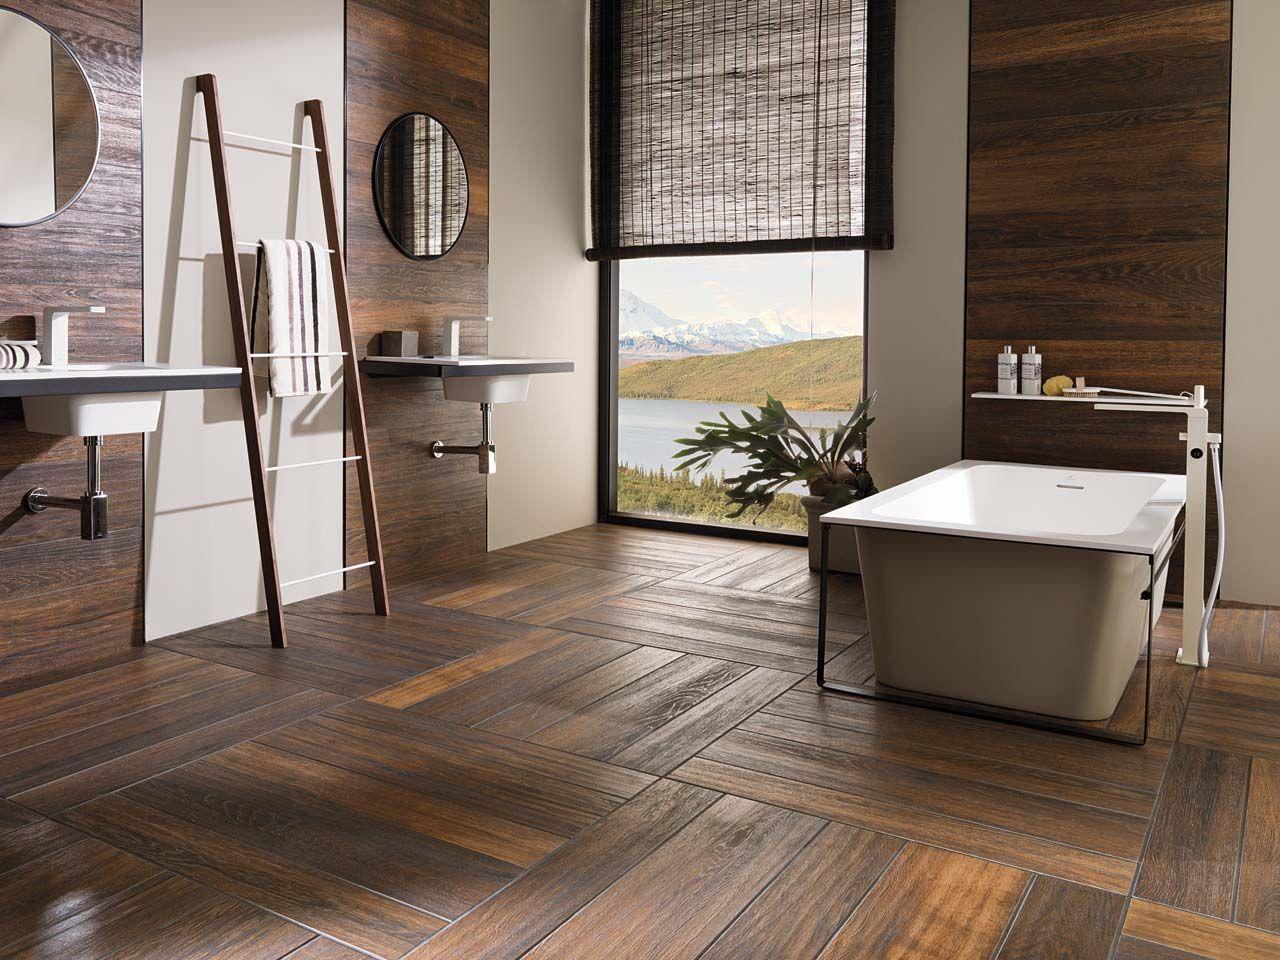 3d models bathroom accessories ceramic tiles venis artis - Hampton Brown Porcelanosa Par Ker Cermaic Parquet Wood Look Ceramic Tiles Gorgeous